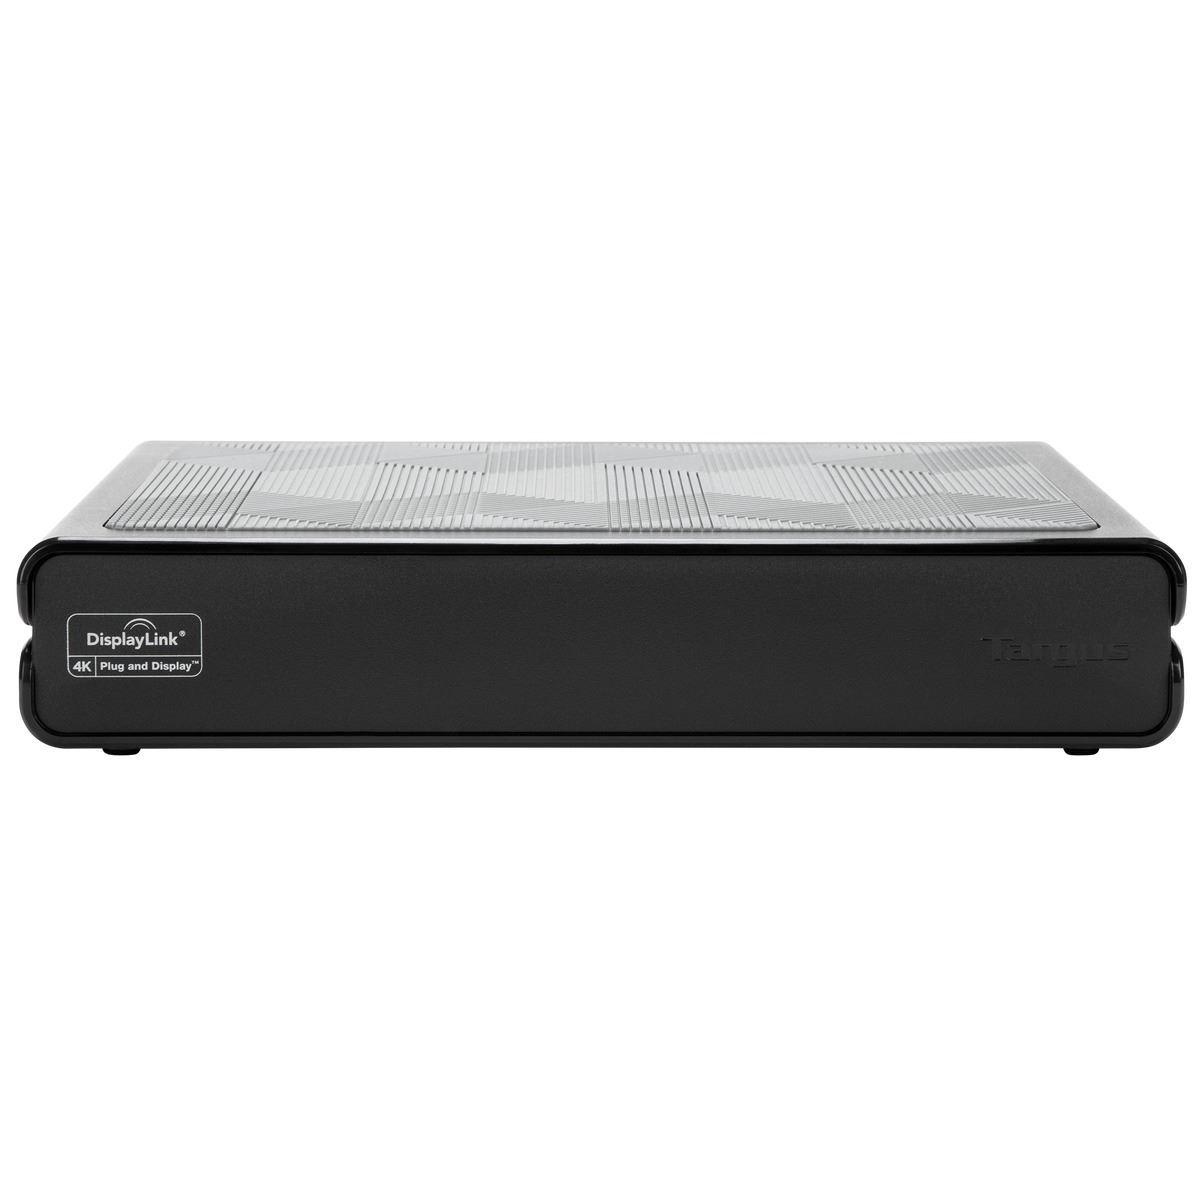 DOCK177AUZ USB 3.0 Dual Video 4K Docking Station with Power